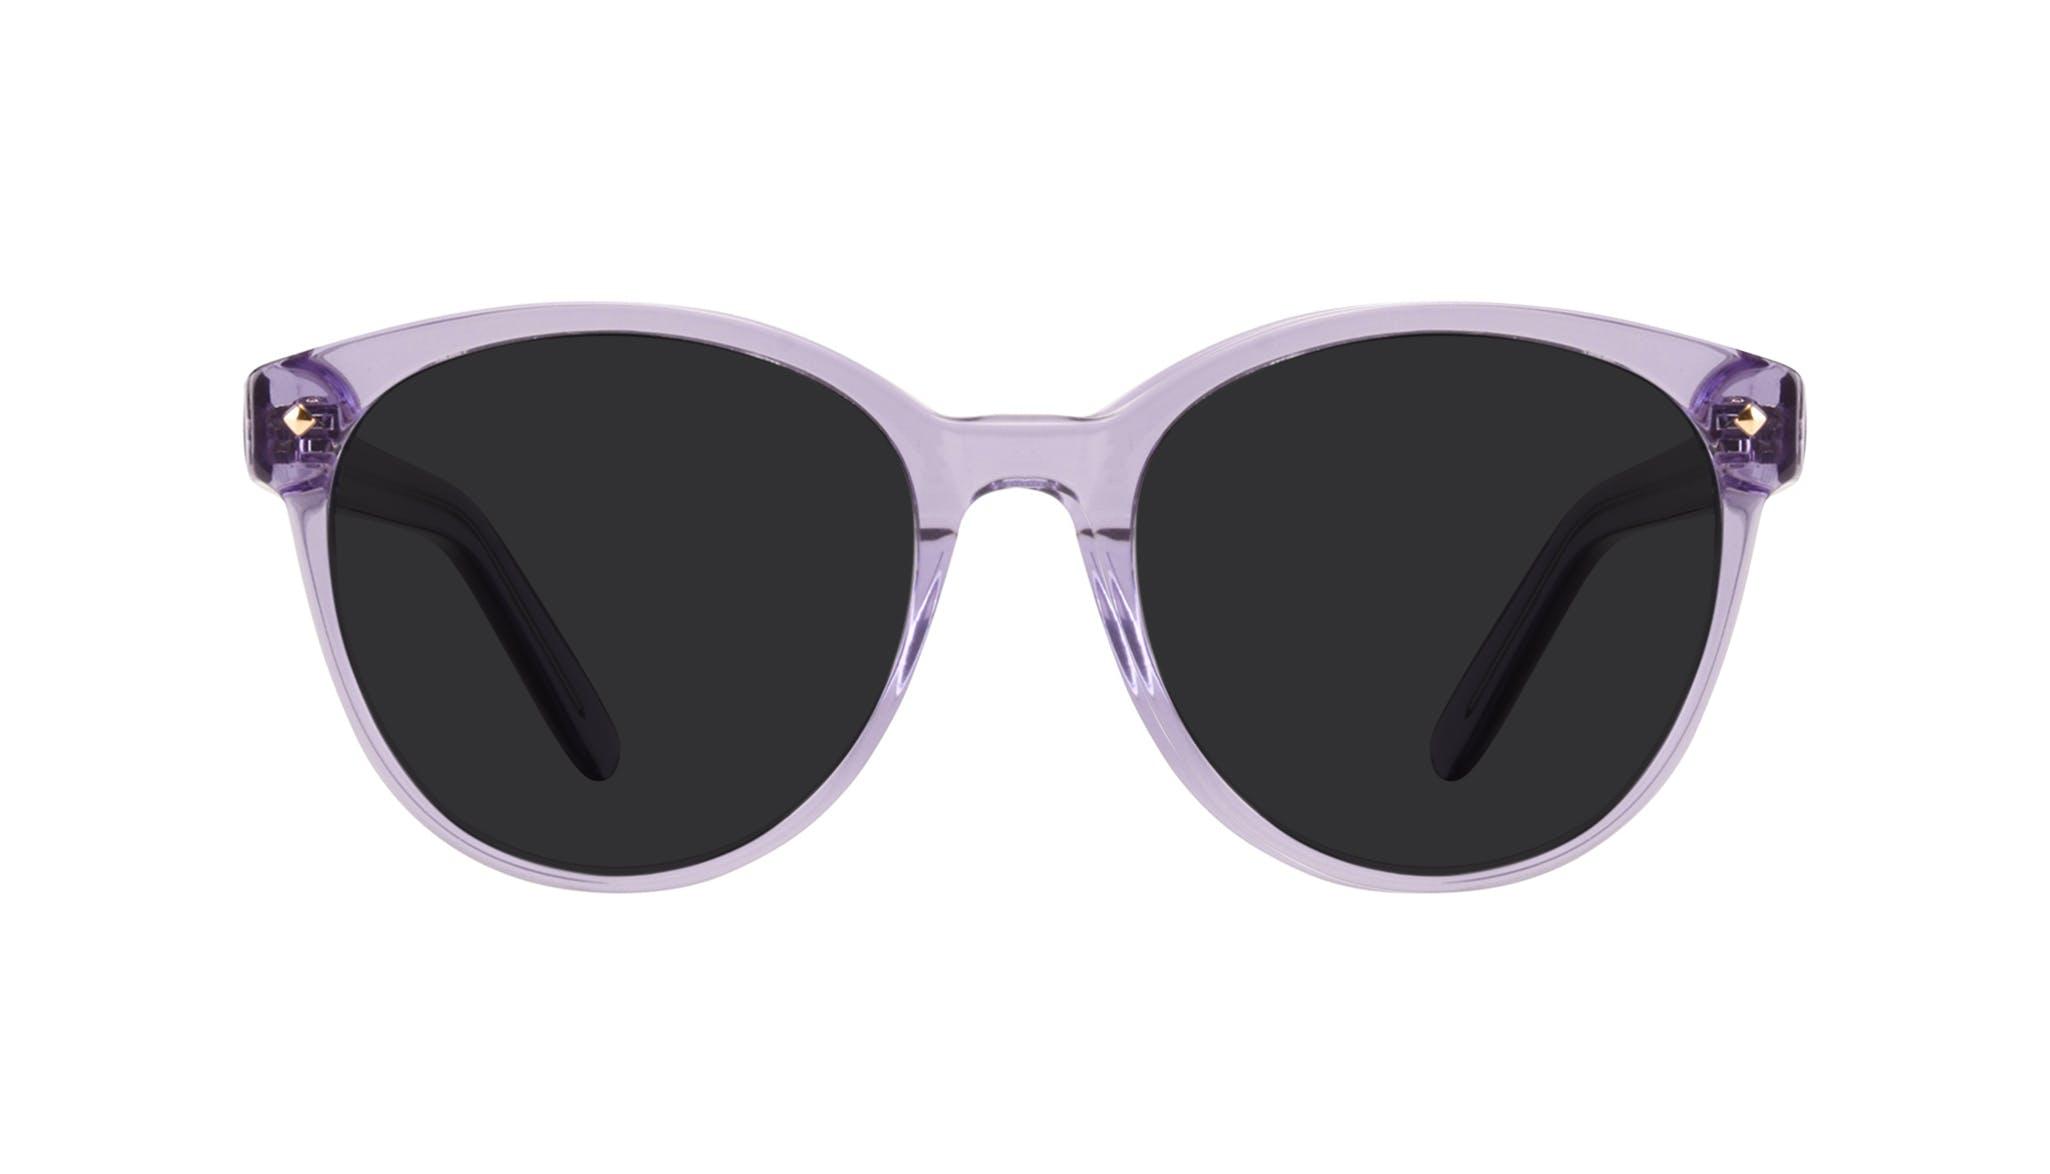 Lunettes tendance Ronde Lunettes de soleil Femmes Eclipse Lavender Face